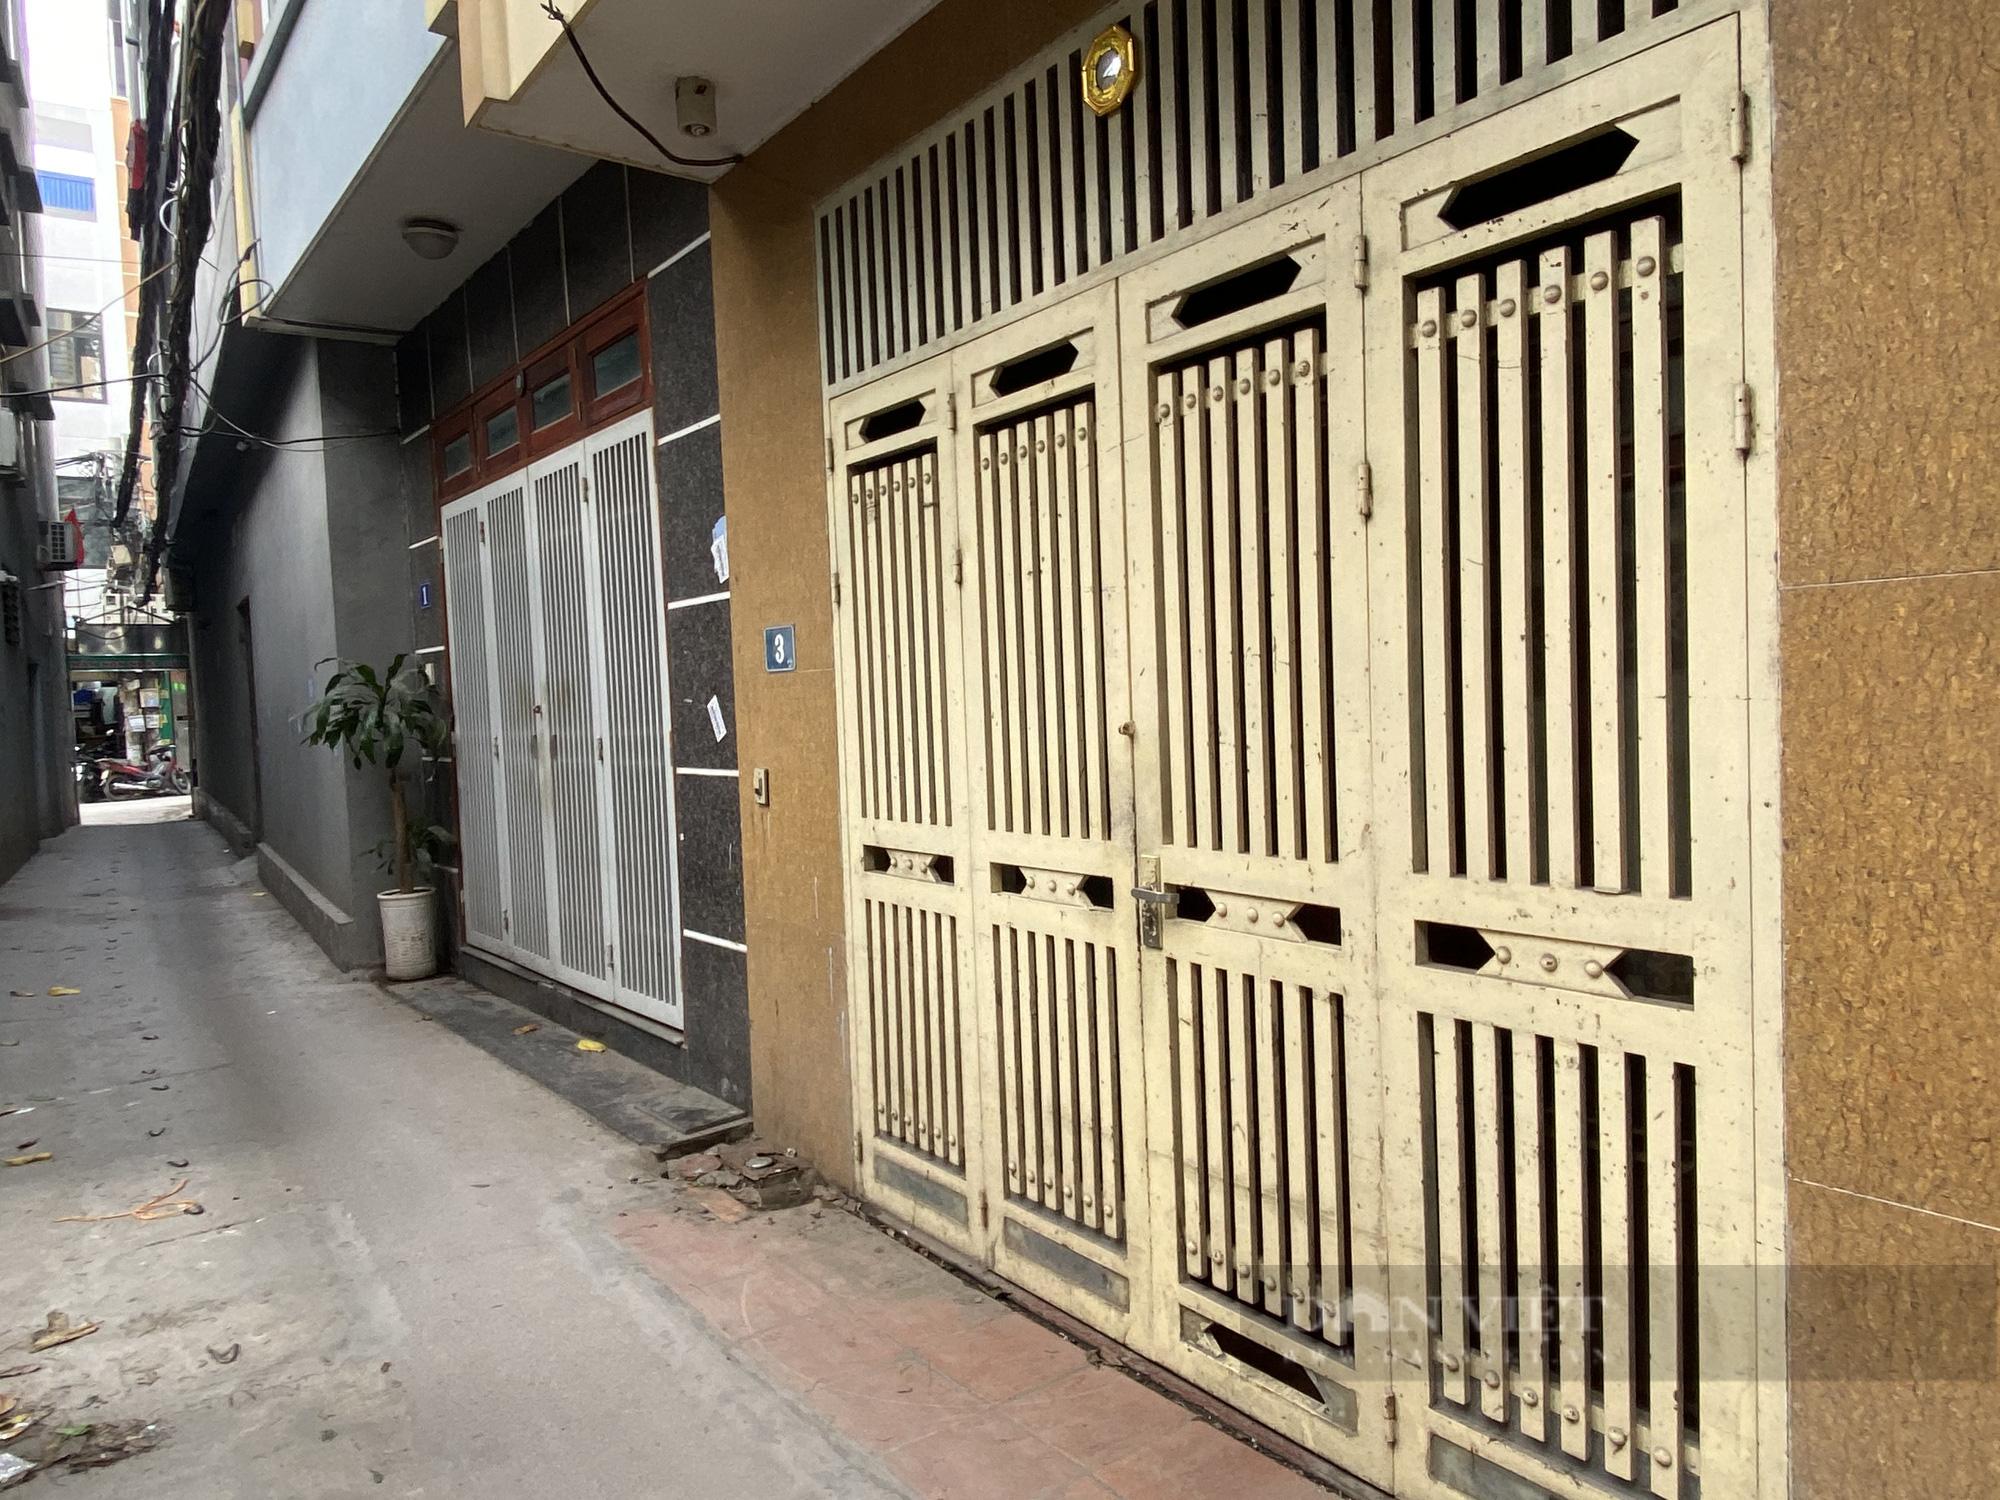 'Tậu nhà' cho con học đại học ở Hà Nội, phụ huynh tỉnh lẻ bất ngờ lãi tiền tỷ - Ảnh 4.